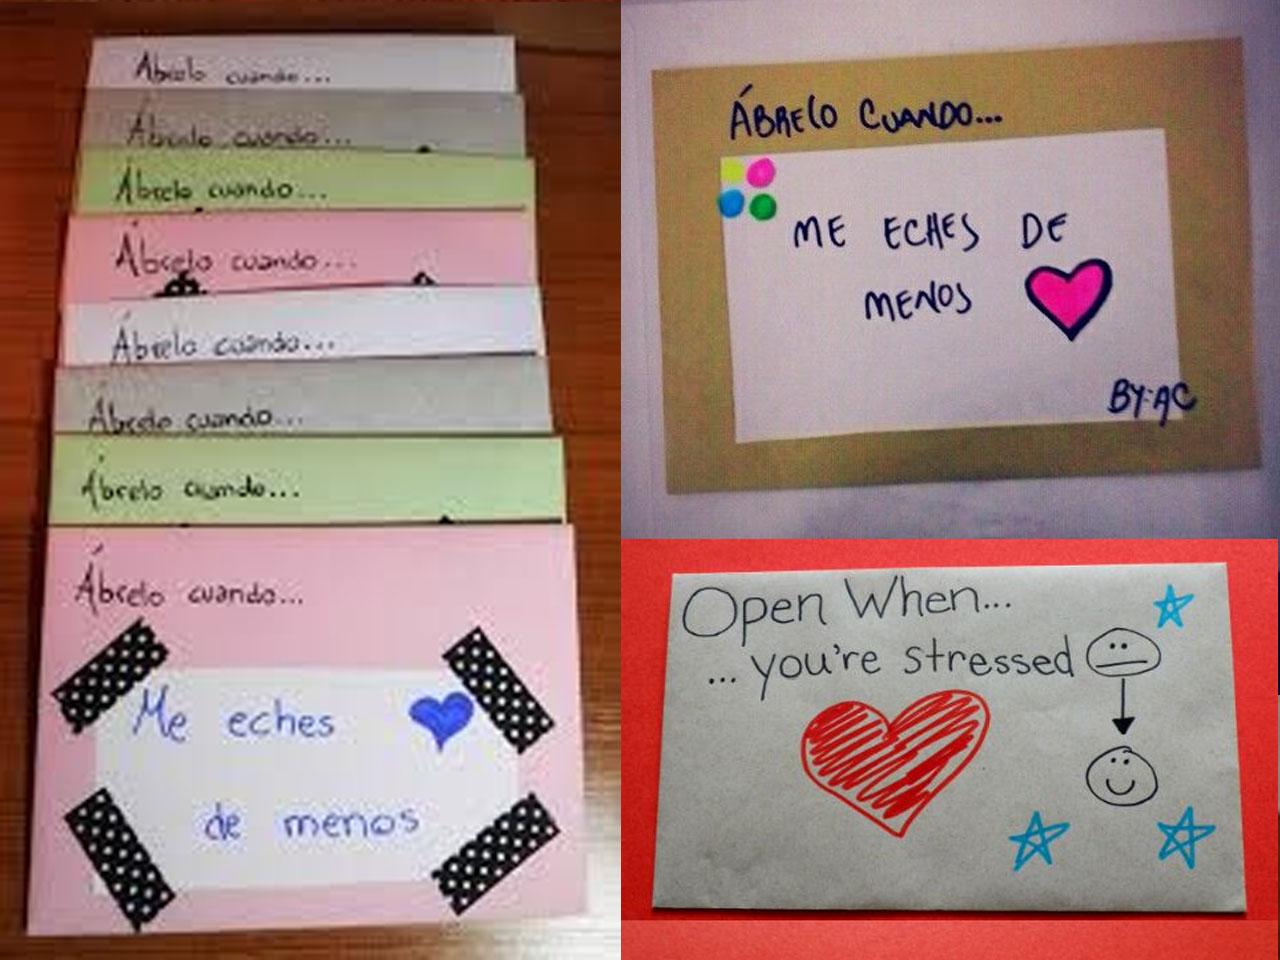 Ideas para san valentin para hombres manualidades - Manualidades romanticas para hombres ...